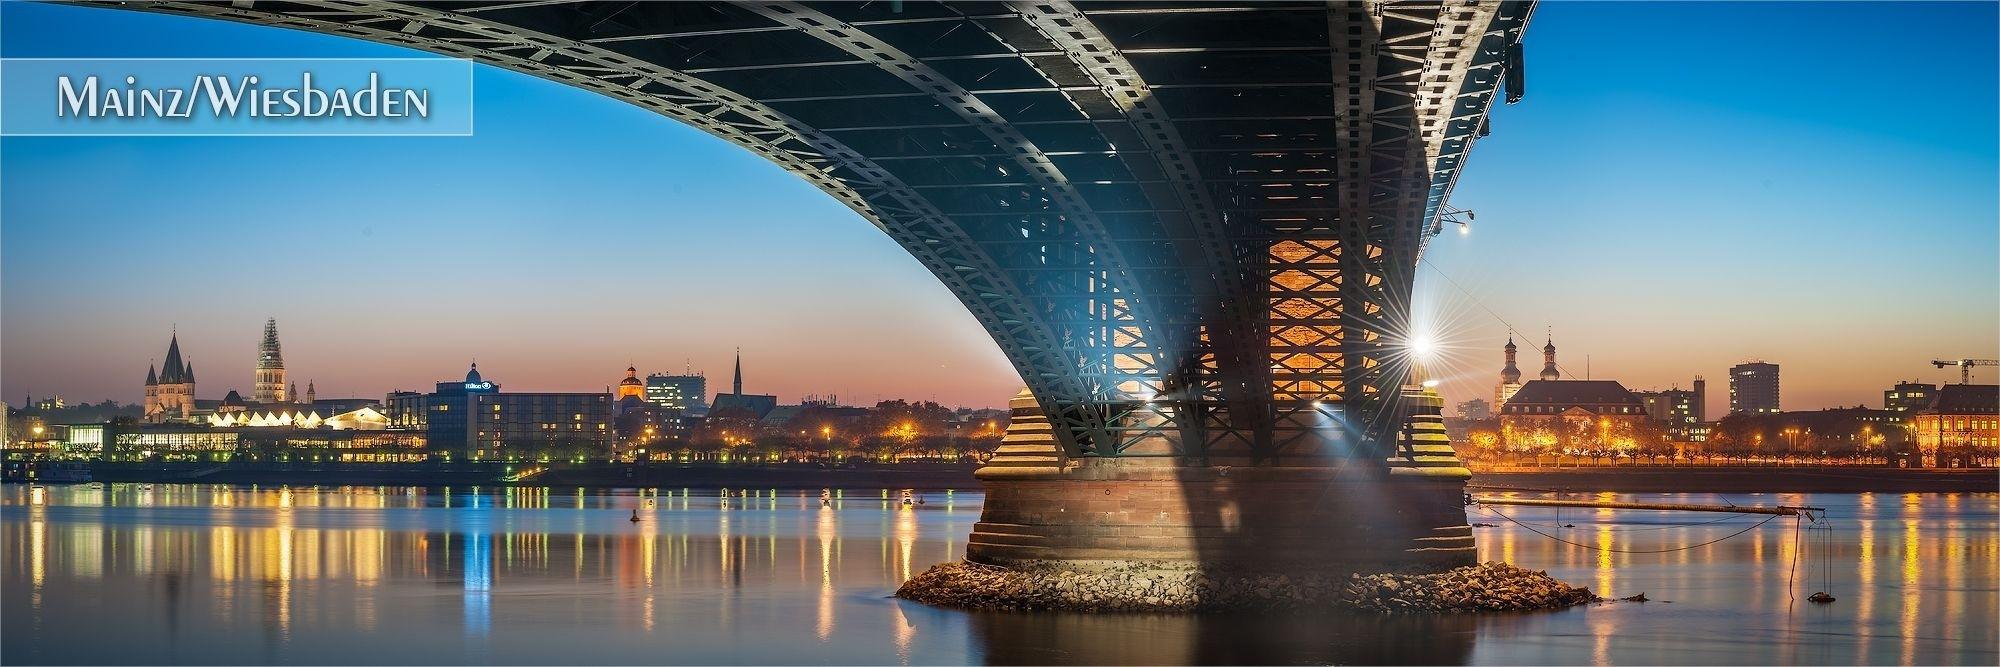 Bilder aus Mainz und Wiesbaden als Wandbild oder Küchenrückwand